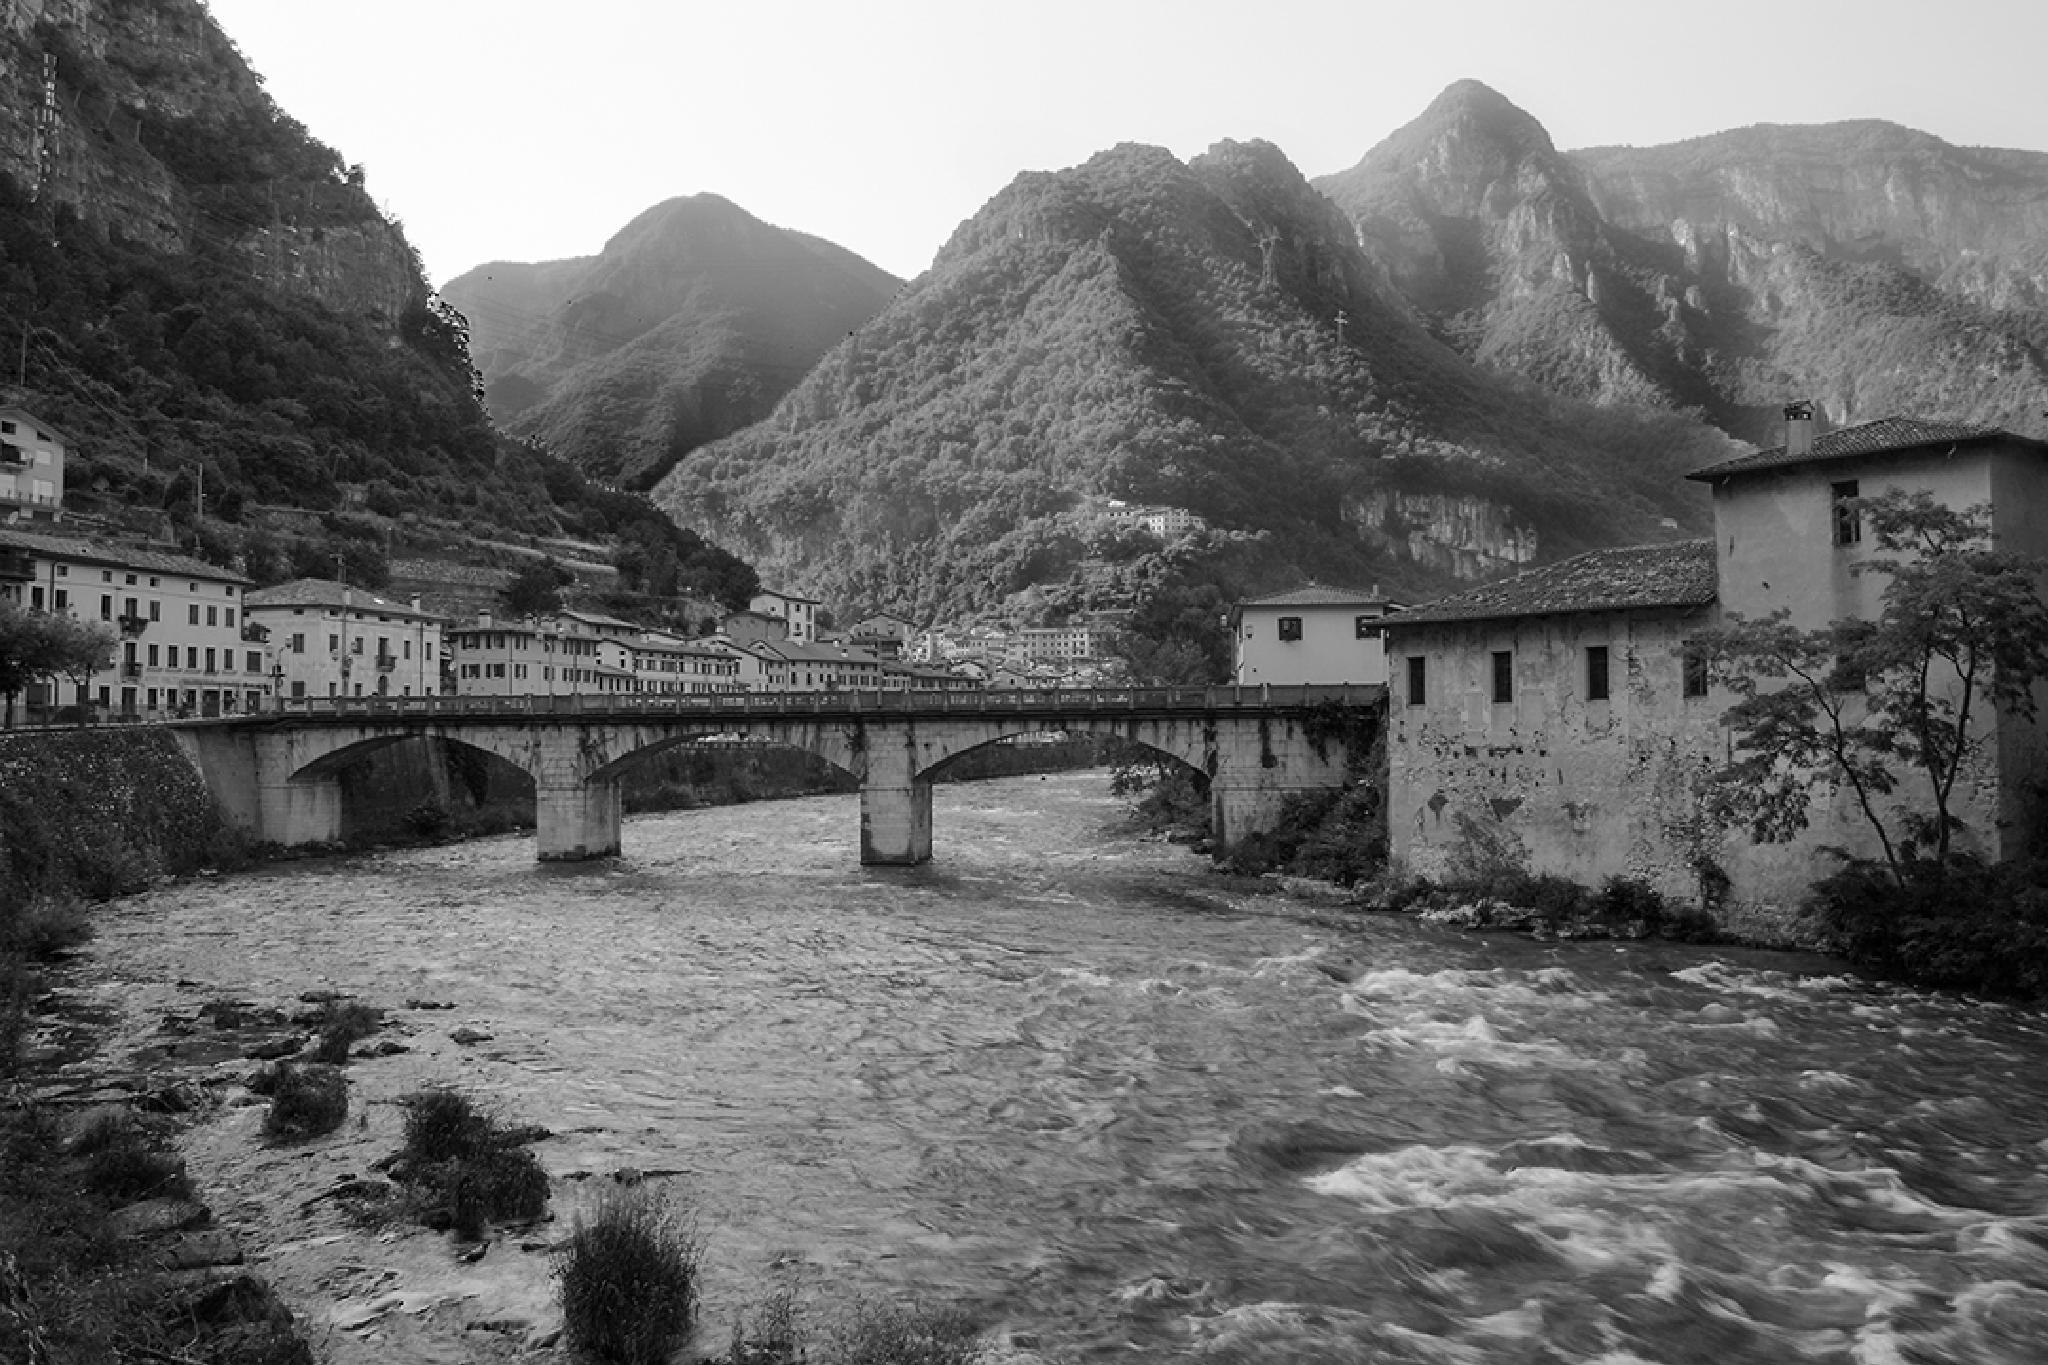 Brenta River by Stefano Zago